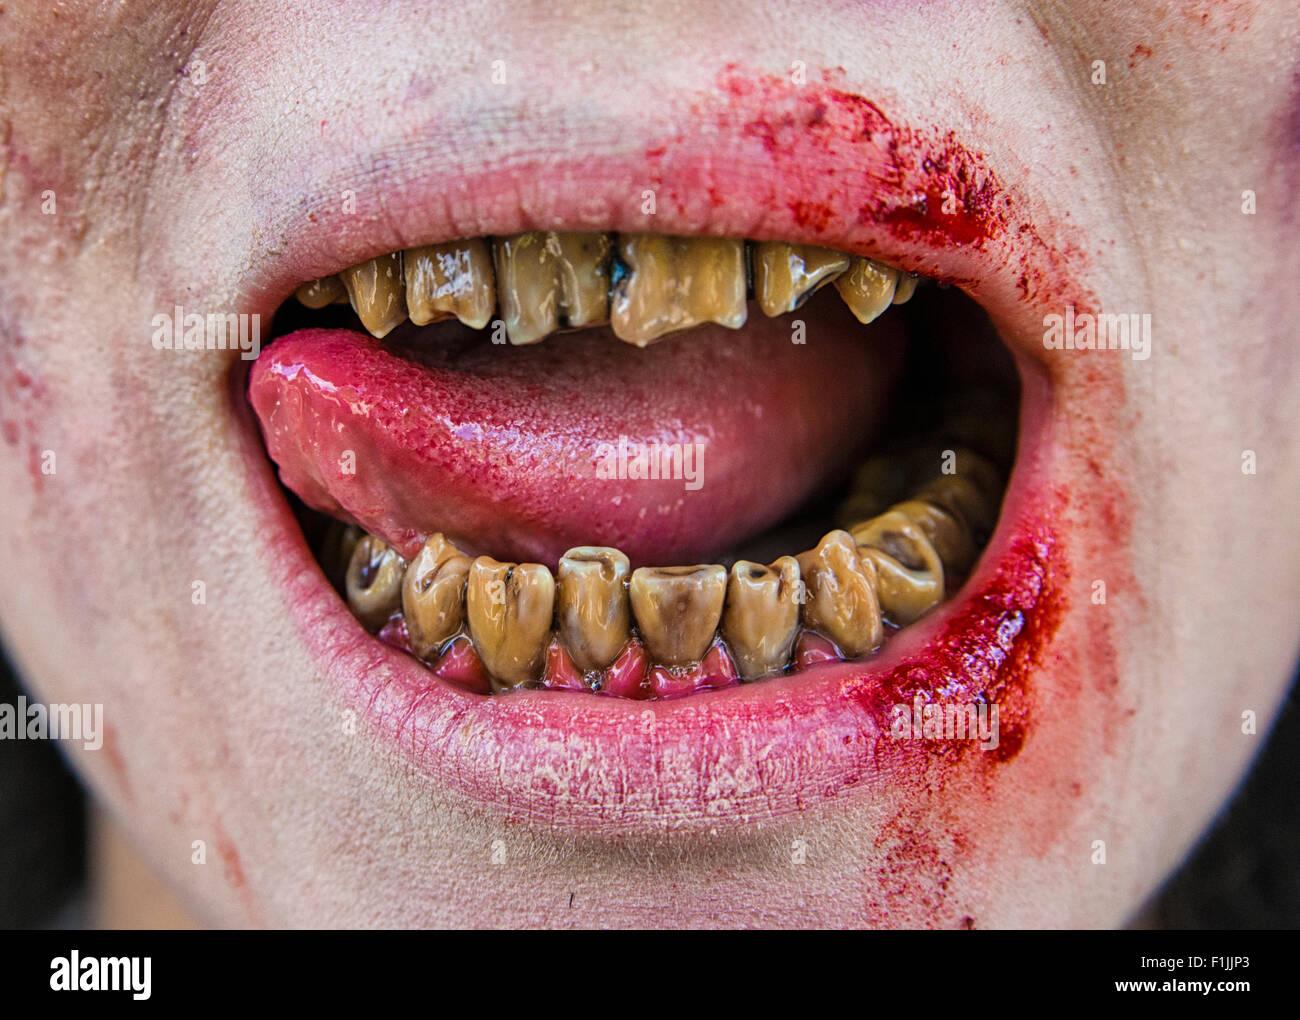 verfaulte zombie z hne mund und zunge film schie en szene aus einem zombie kom die kurzfilm. Black Bedroom Furniture Sets. Home Design Ideas